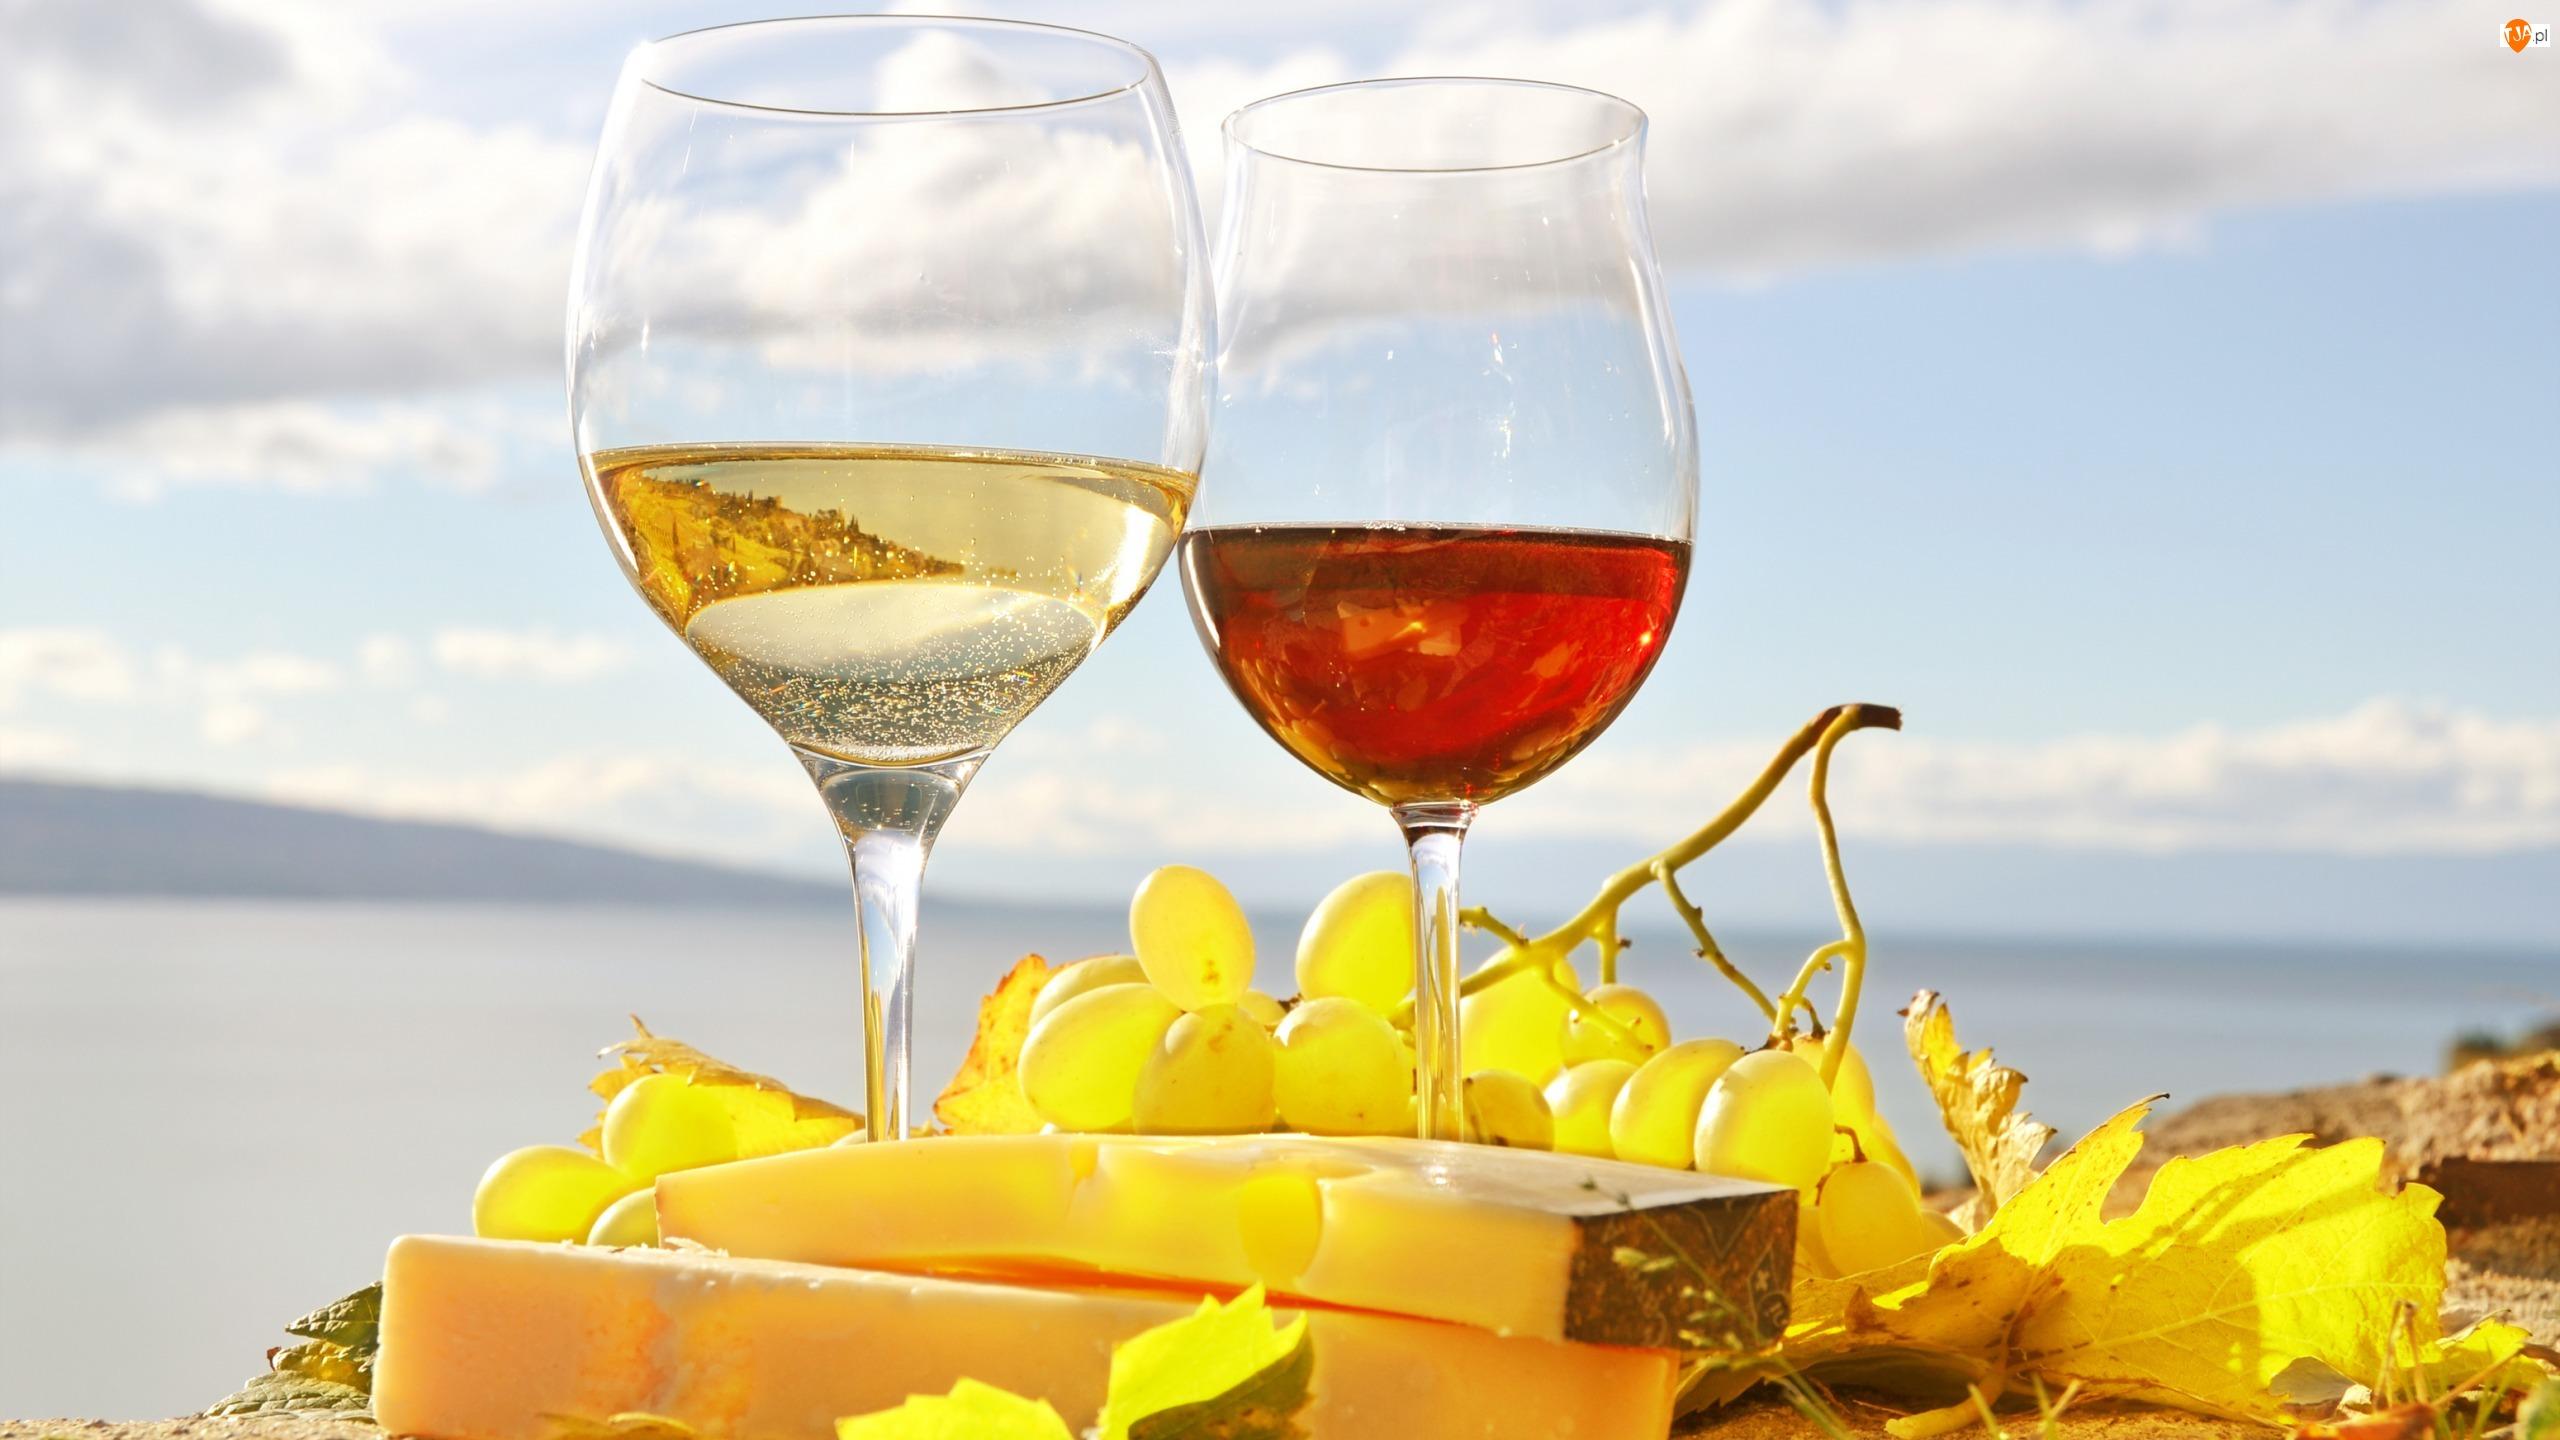 Rozmyte, Ser, Kieliszki, Wino, Tło, Winogrona, Niebo